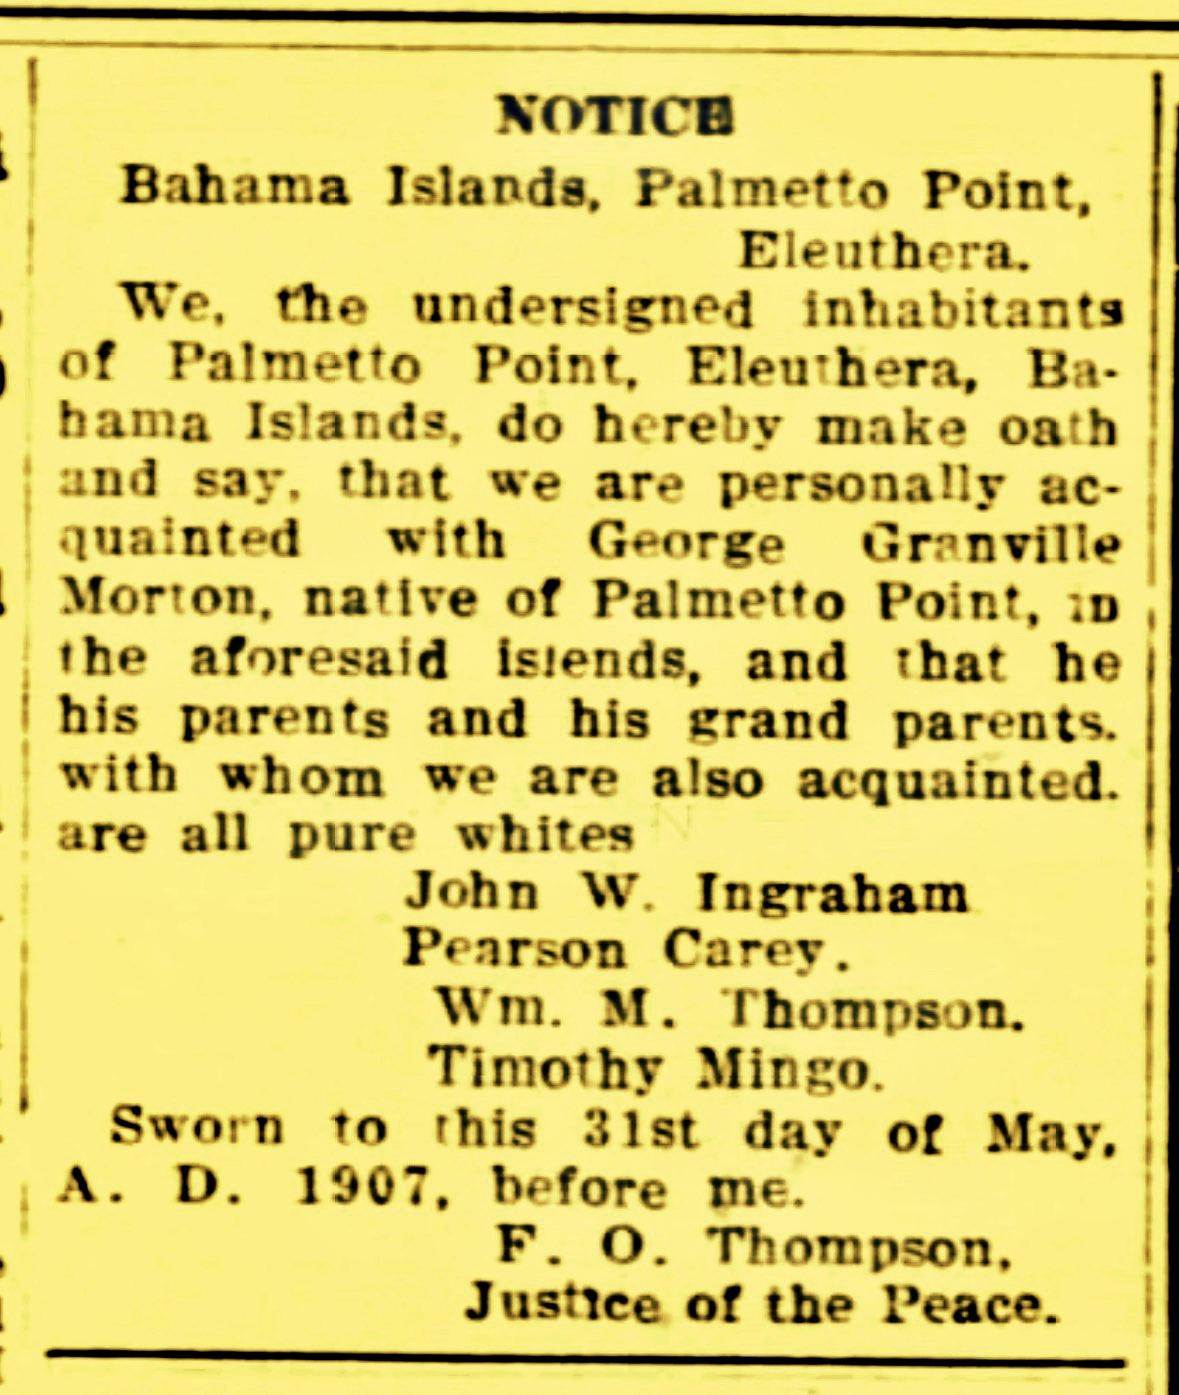 Attesting to the Pure Whiteness of George Granville Morton of Palmetto Point, Eleuthera 1907